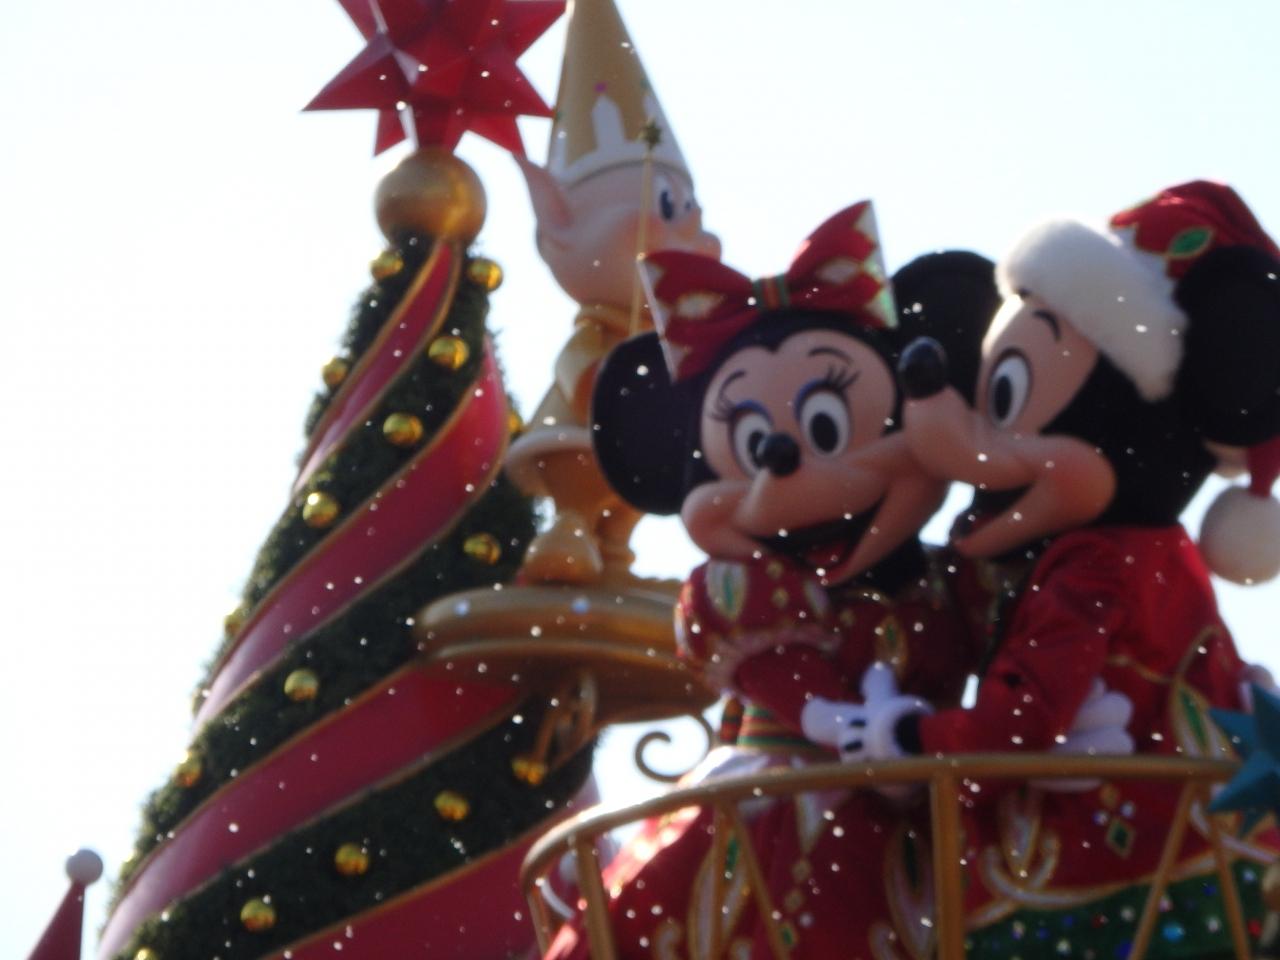 ディズニーランドクリスマス パレード+ワンマン』東京ディズニー